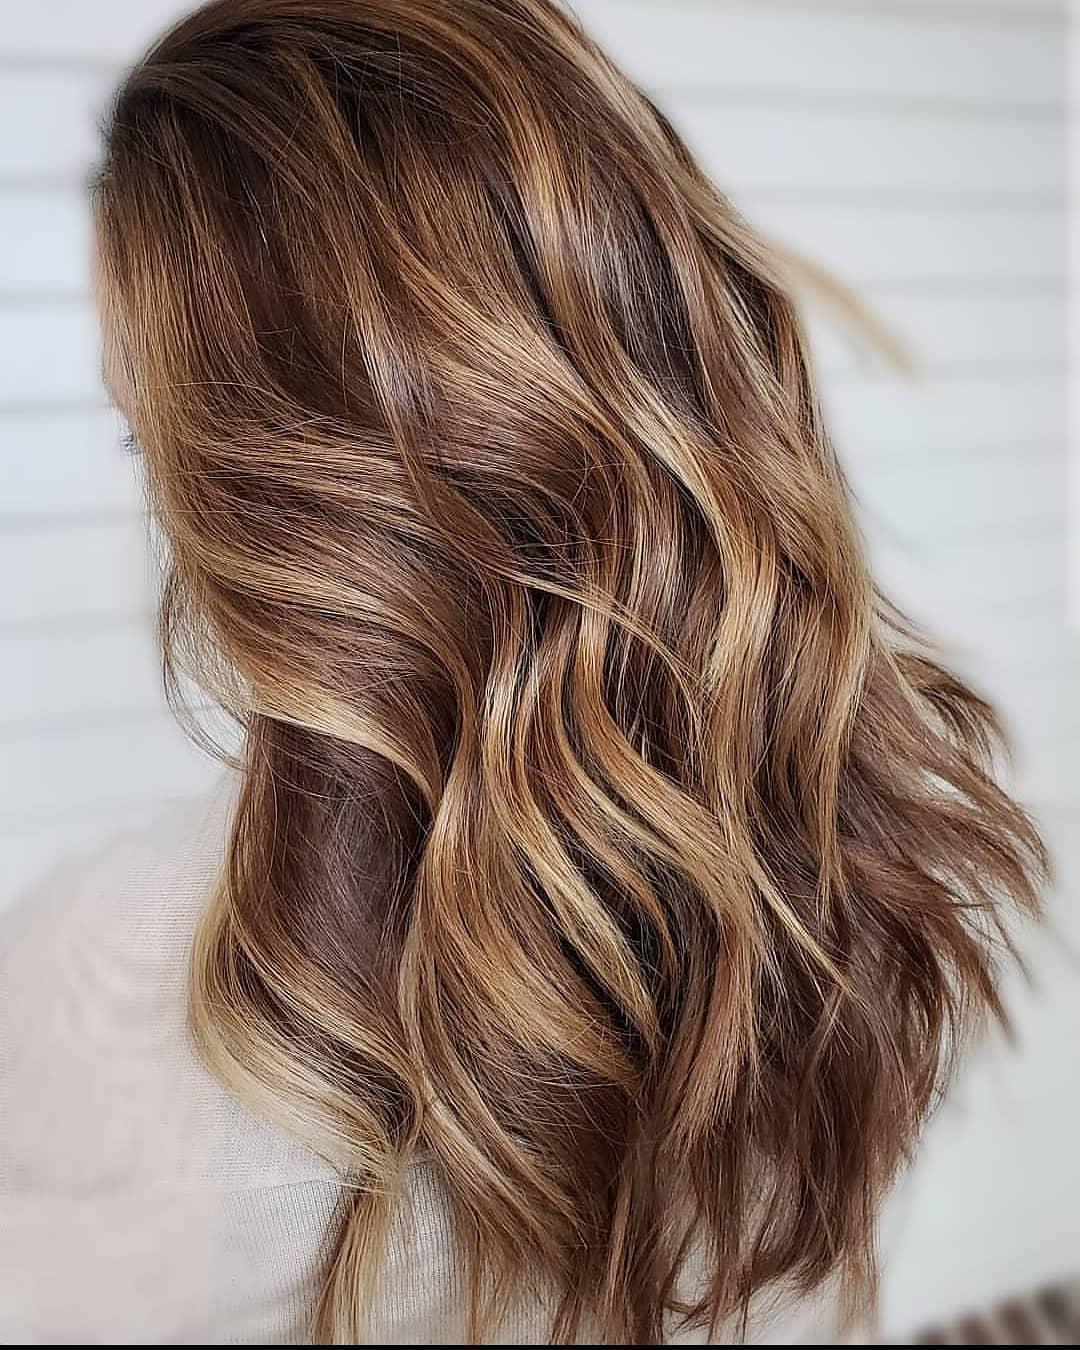 Femme aux cheveux châtain clair avec des reflets caramel et miel